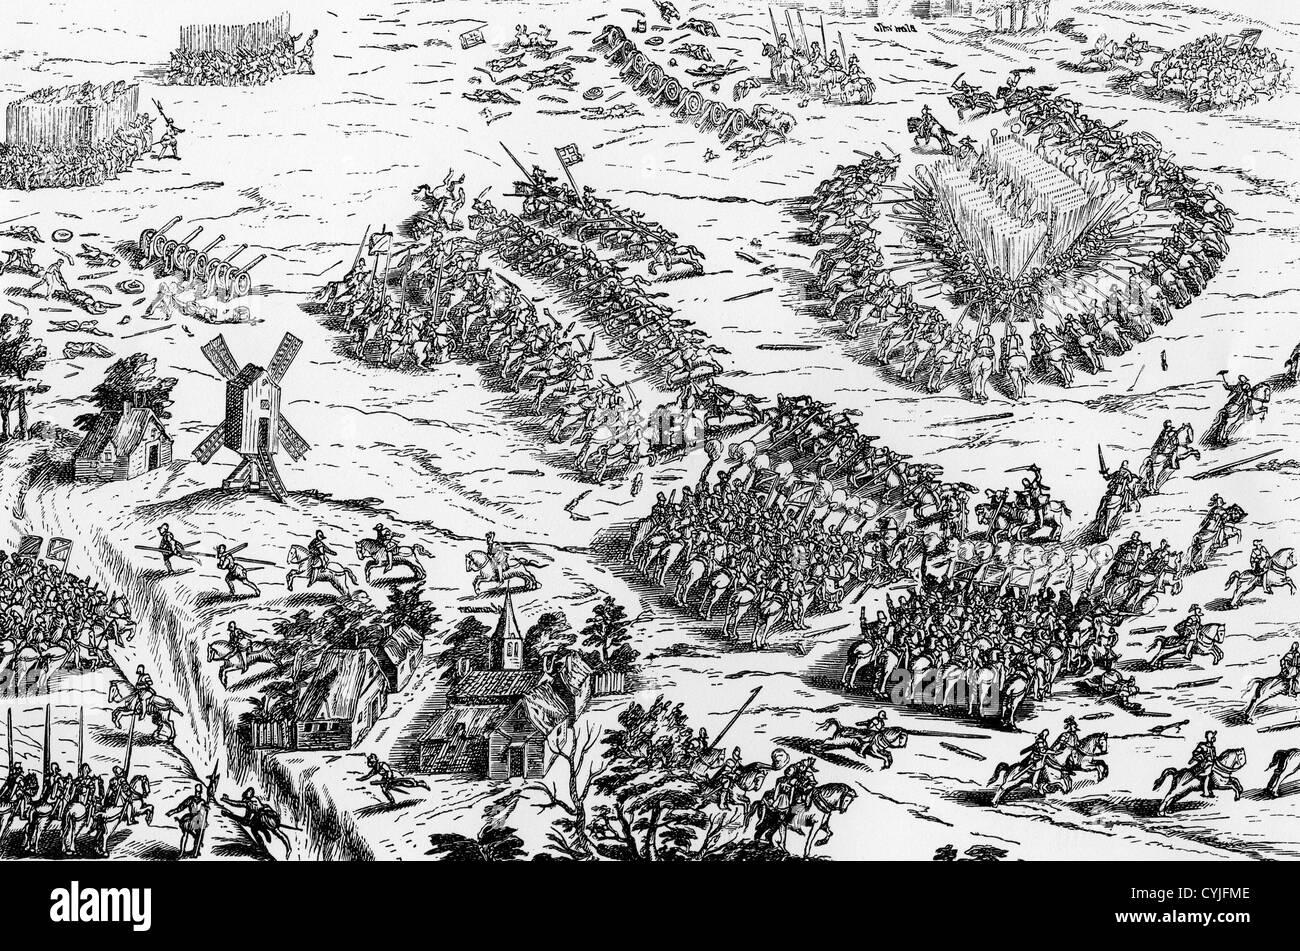 Battaglia di DREUX 19 Dicembre 1562 quando leader cattolico Francois de Guise sconfitto il Hugenots Immagini Stock